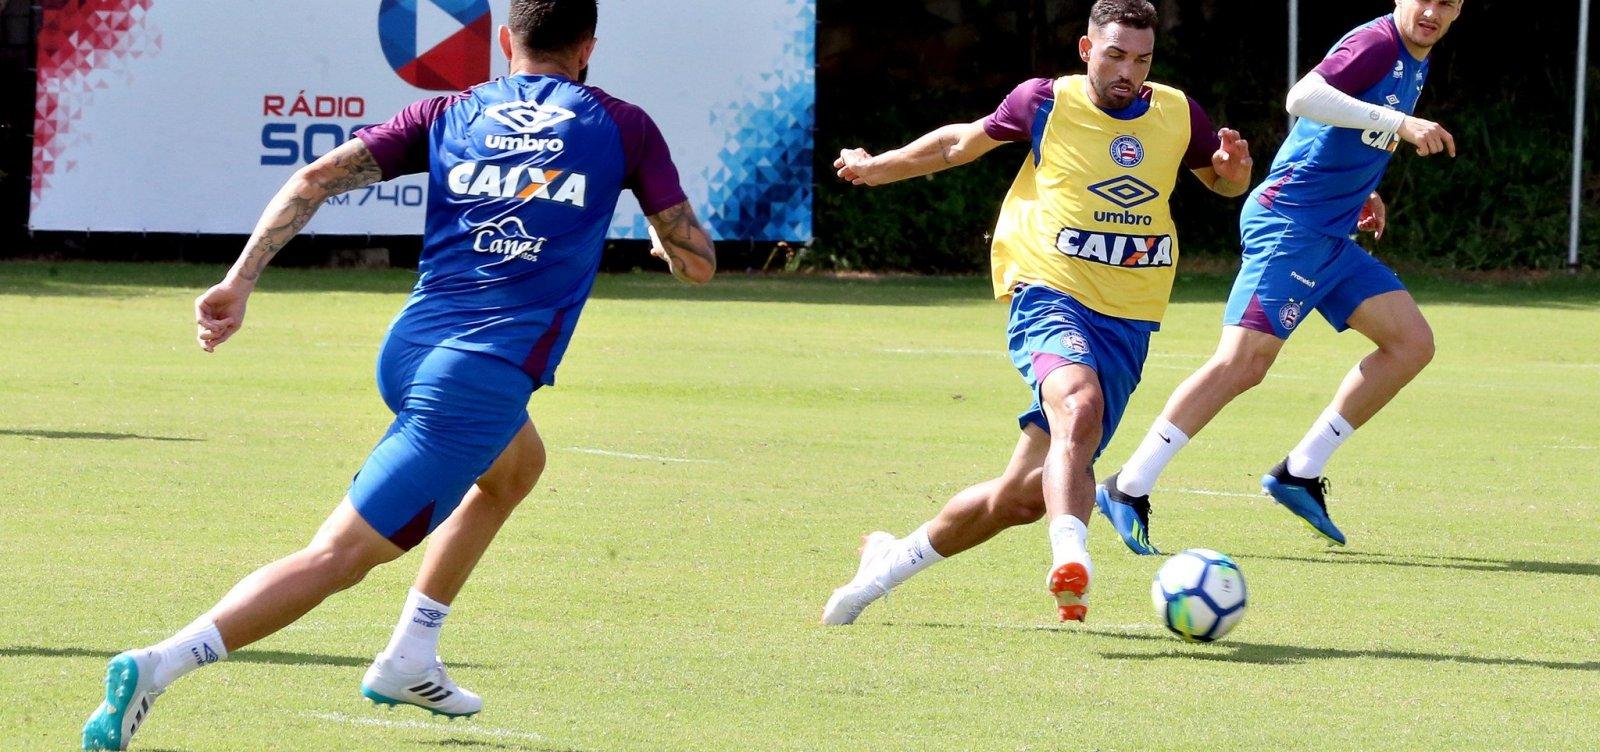 [Gilberto é vetado de jogo do Bahia contra Atlético-PR por dores no joelho]